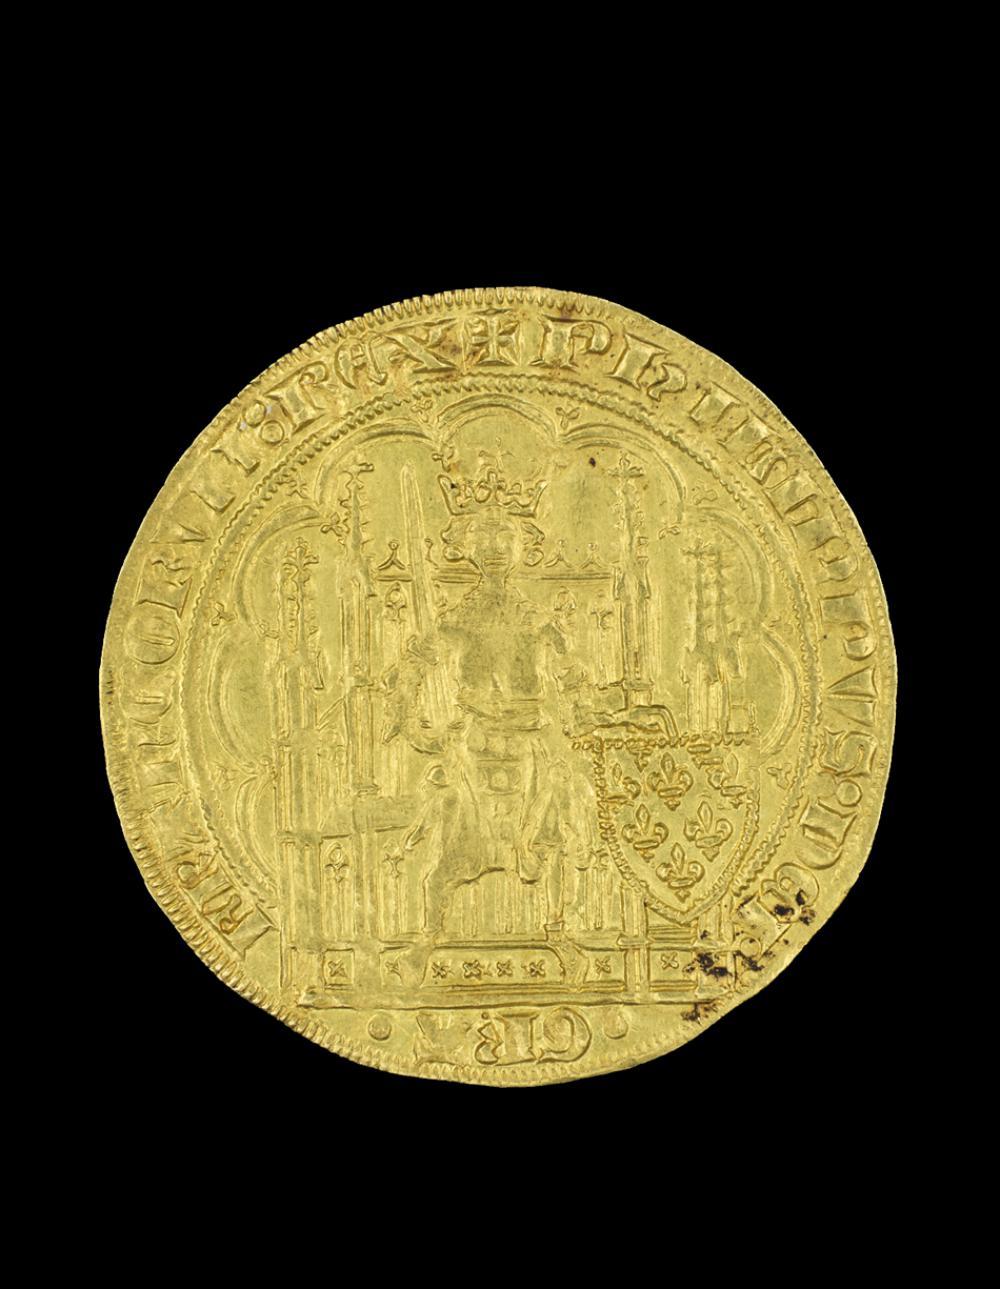 Maker Unknown (French), Écu d'or à la chaise of Philip VI, 1328-1350 CE